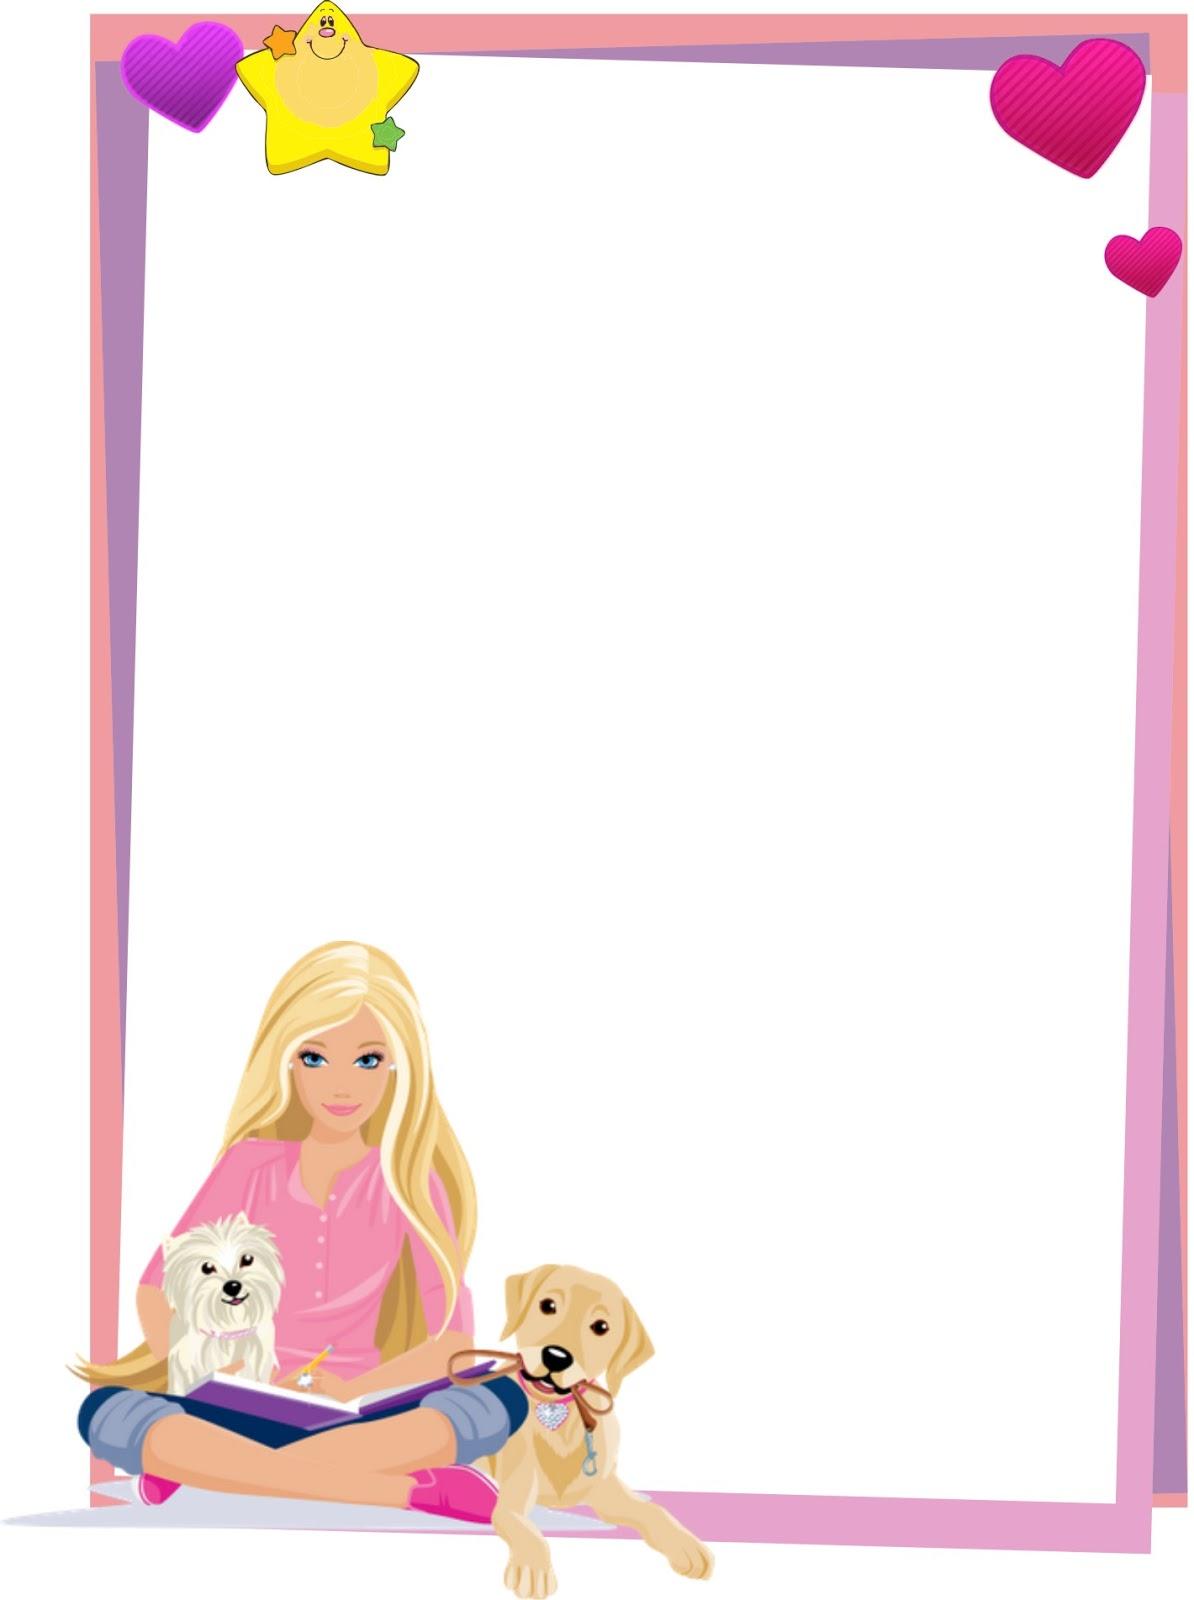 Caratulas para Cuadernos y Trabajos: Hermosas Caratulas de Barbie ...